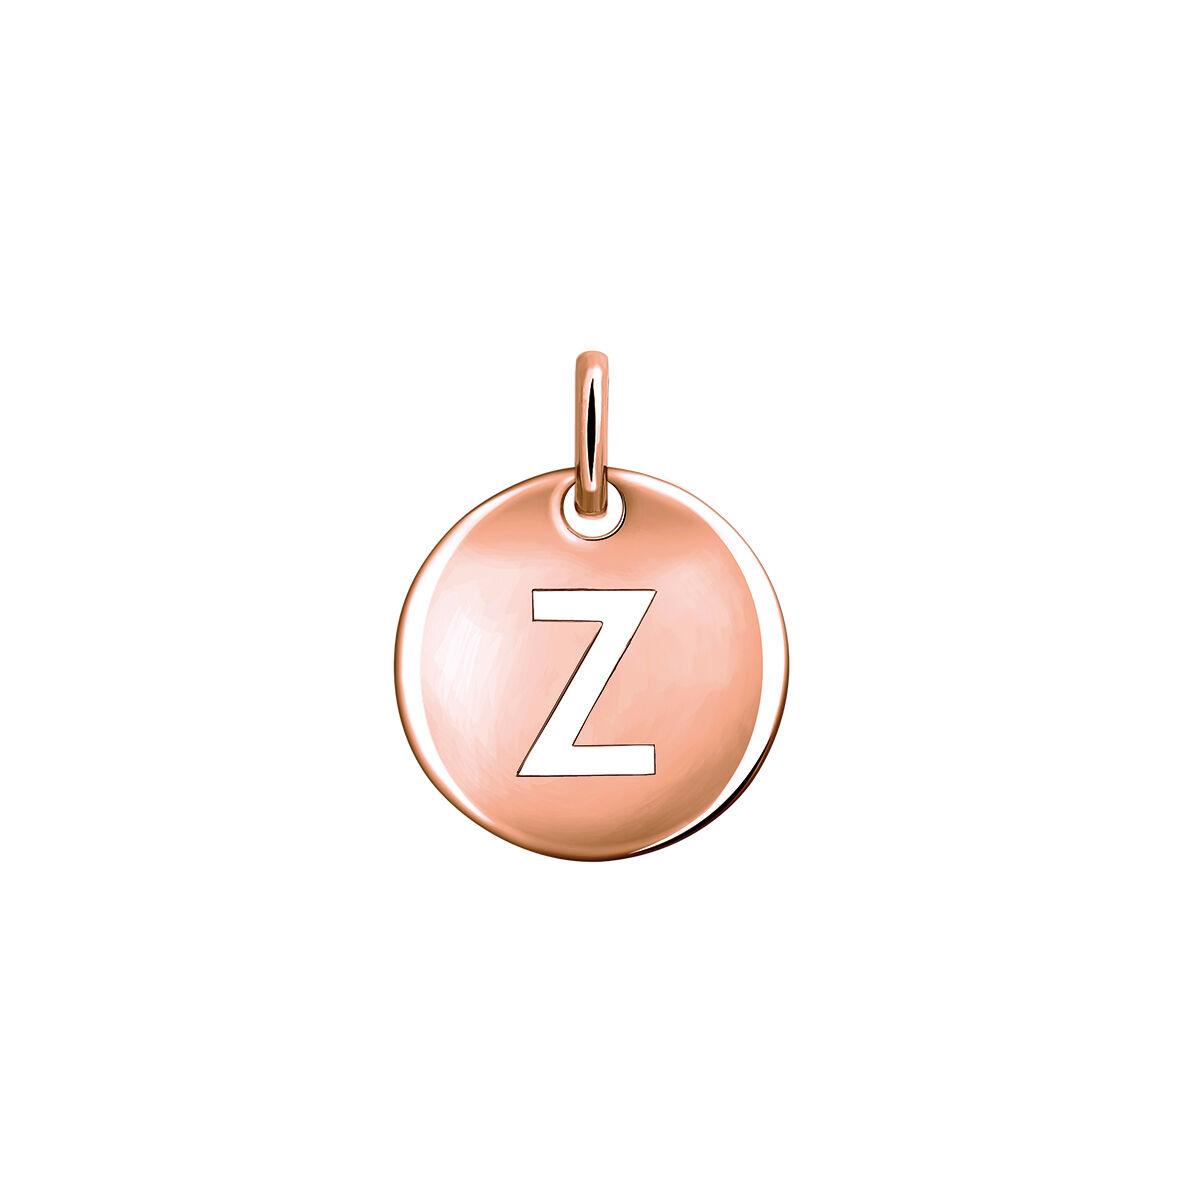 Venta caliente 2019 descuento especial real mejor valorado Colgante letra Z oro rosa | Aristocrazy